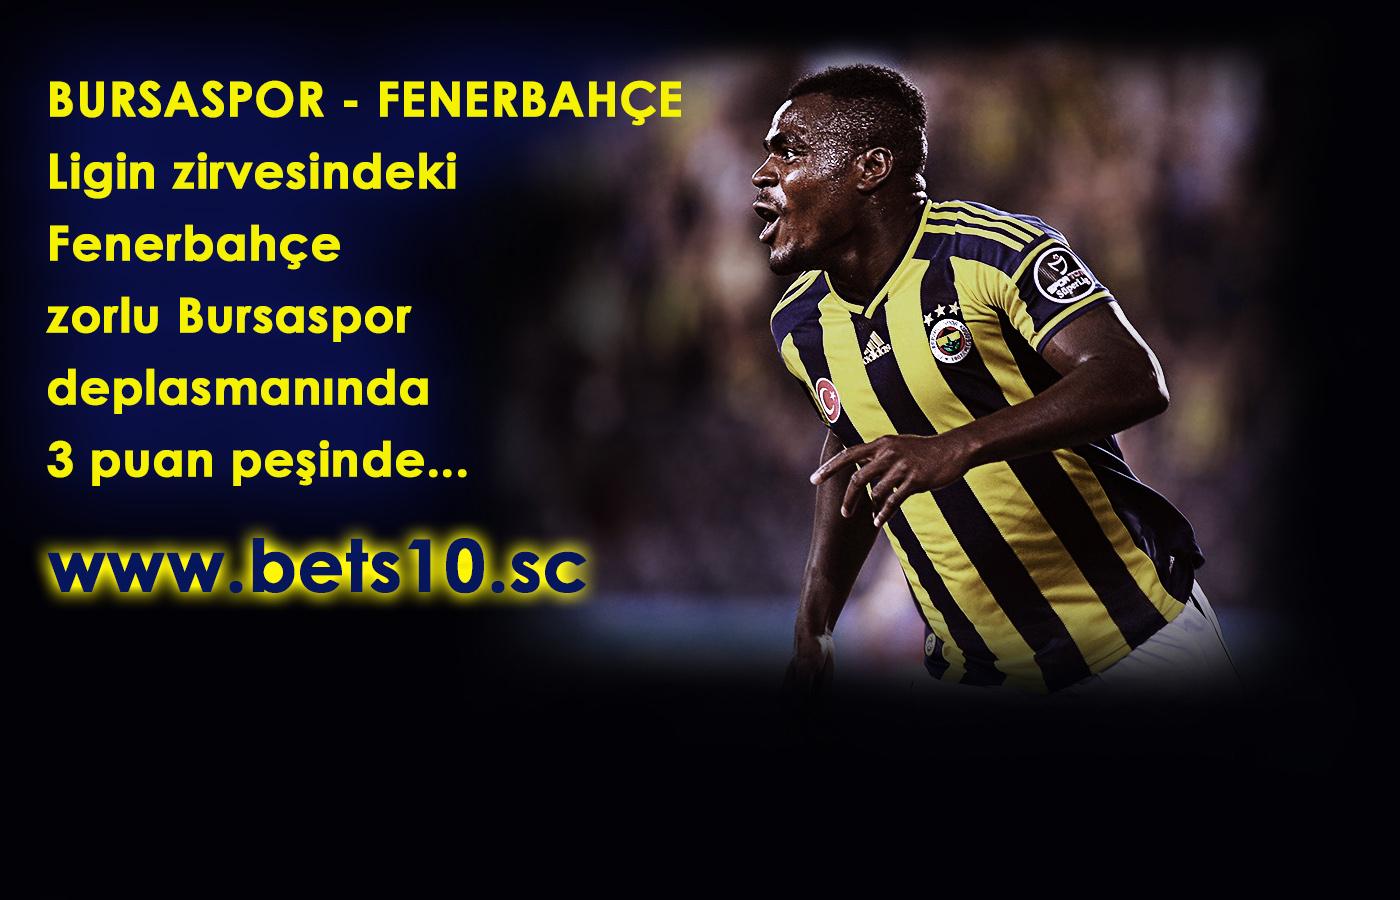 Bets10 Bursaspor -Fenerbahçe Maç Oranı